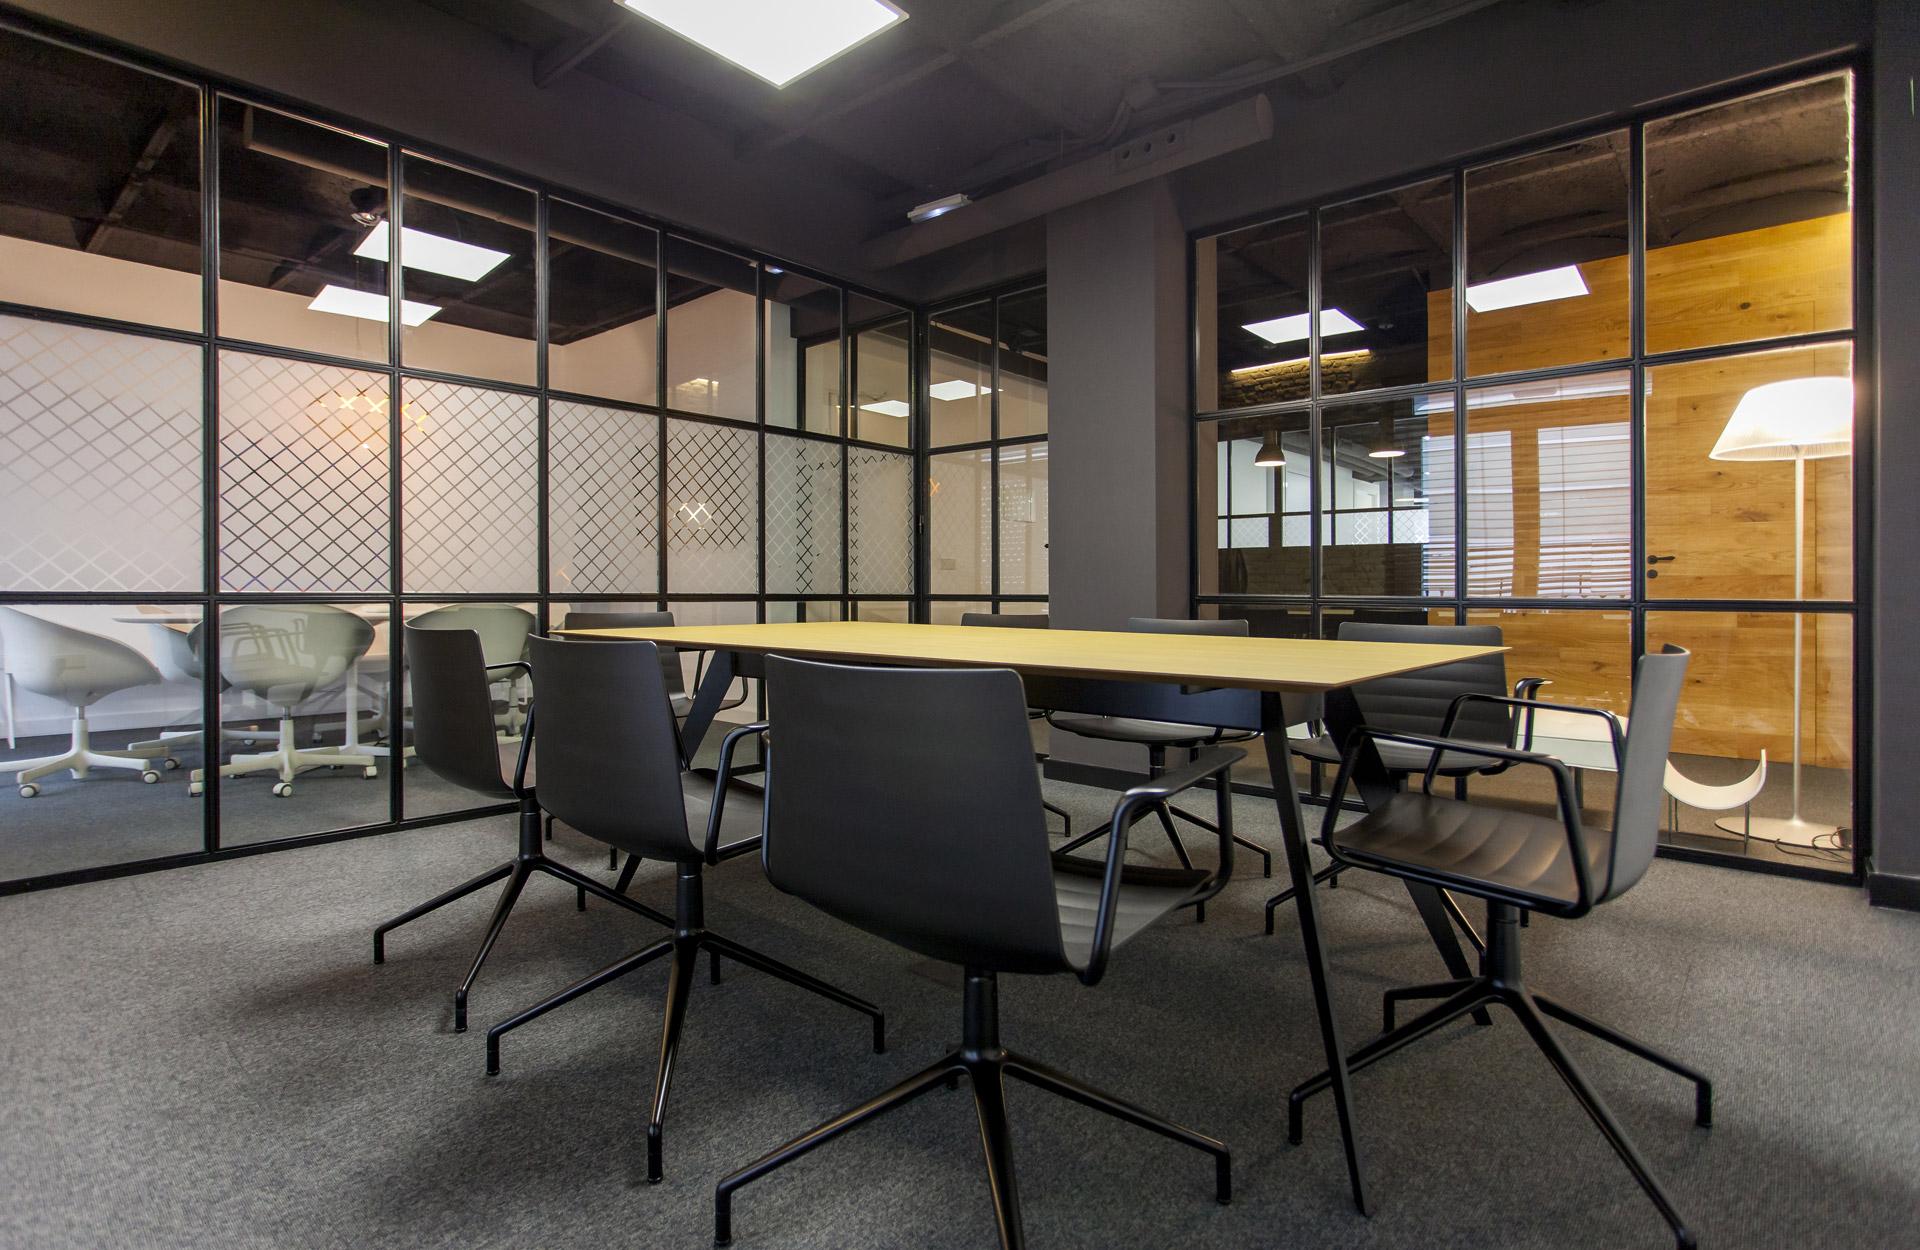 Arquitectura 187 - Branding, diseño y desarrollo web para el estudio valenciano de diseño de interiores Arquitectura 187